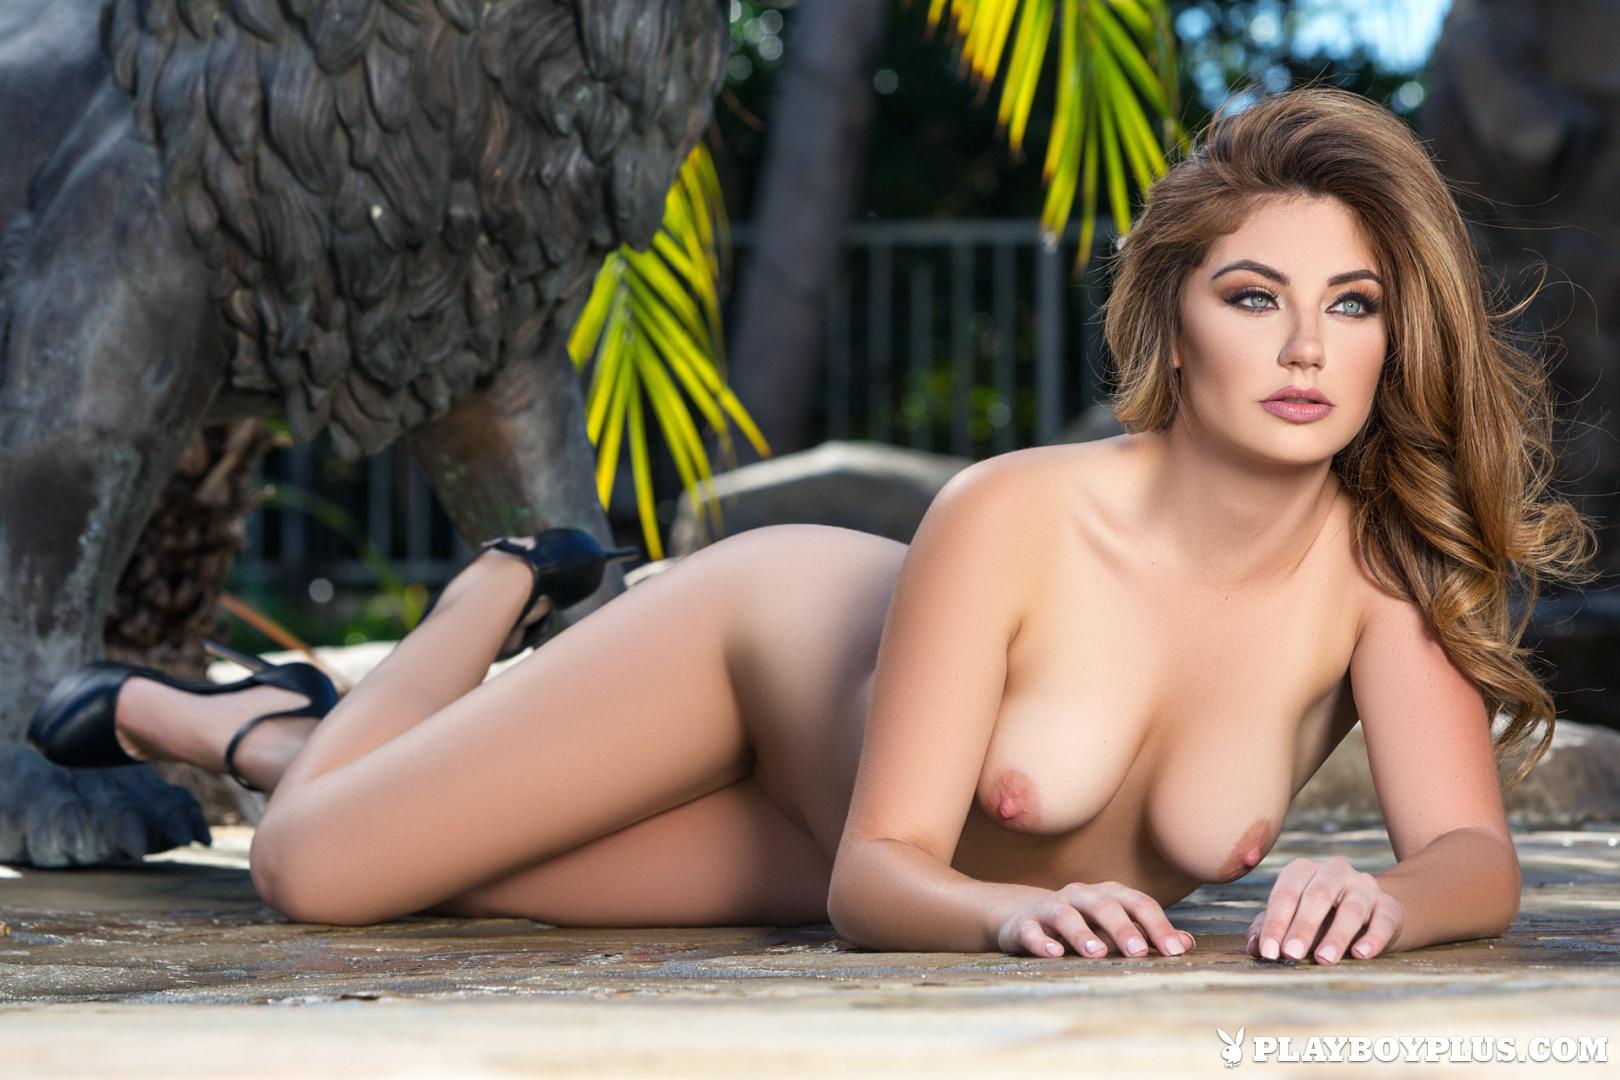 Nude lauren gottlieb real nude photos girl